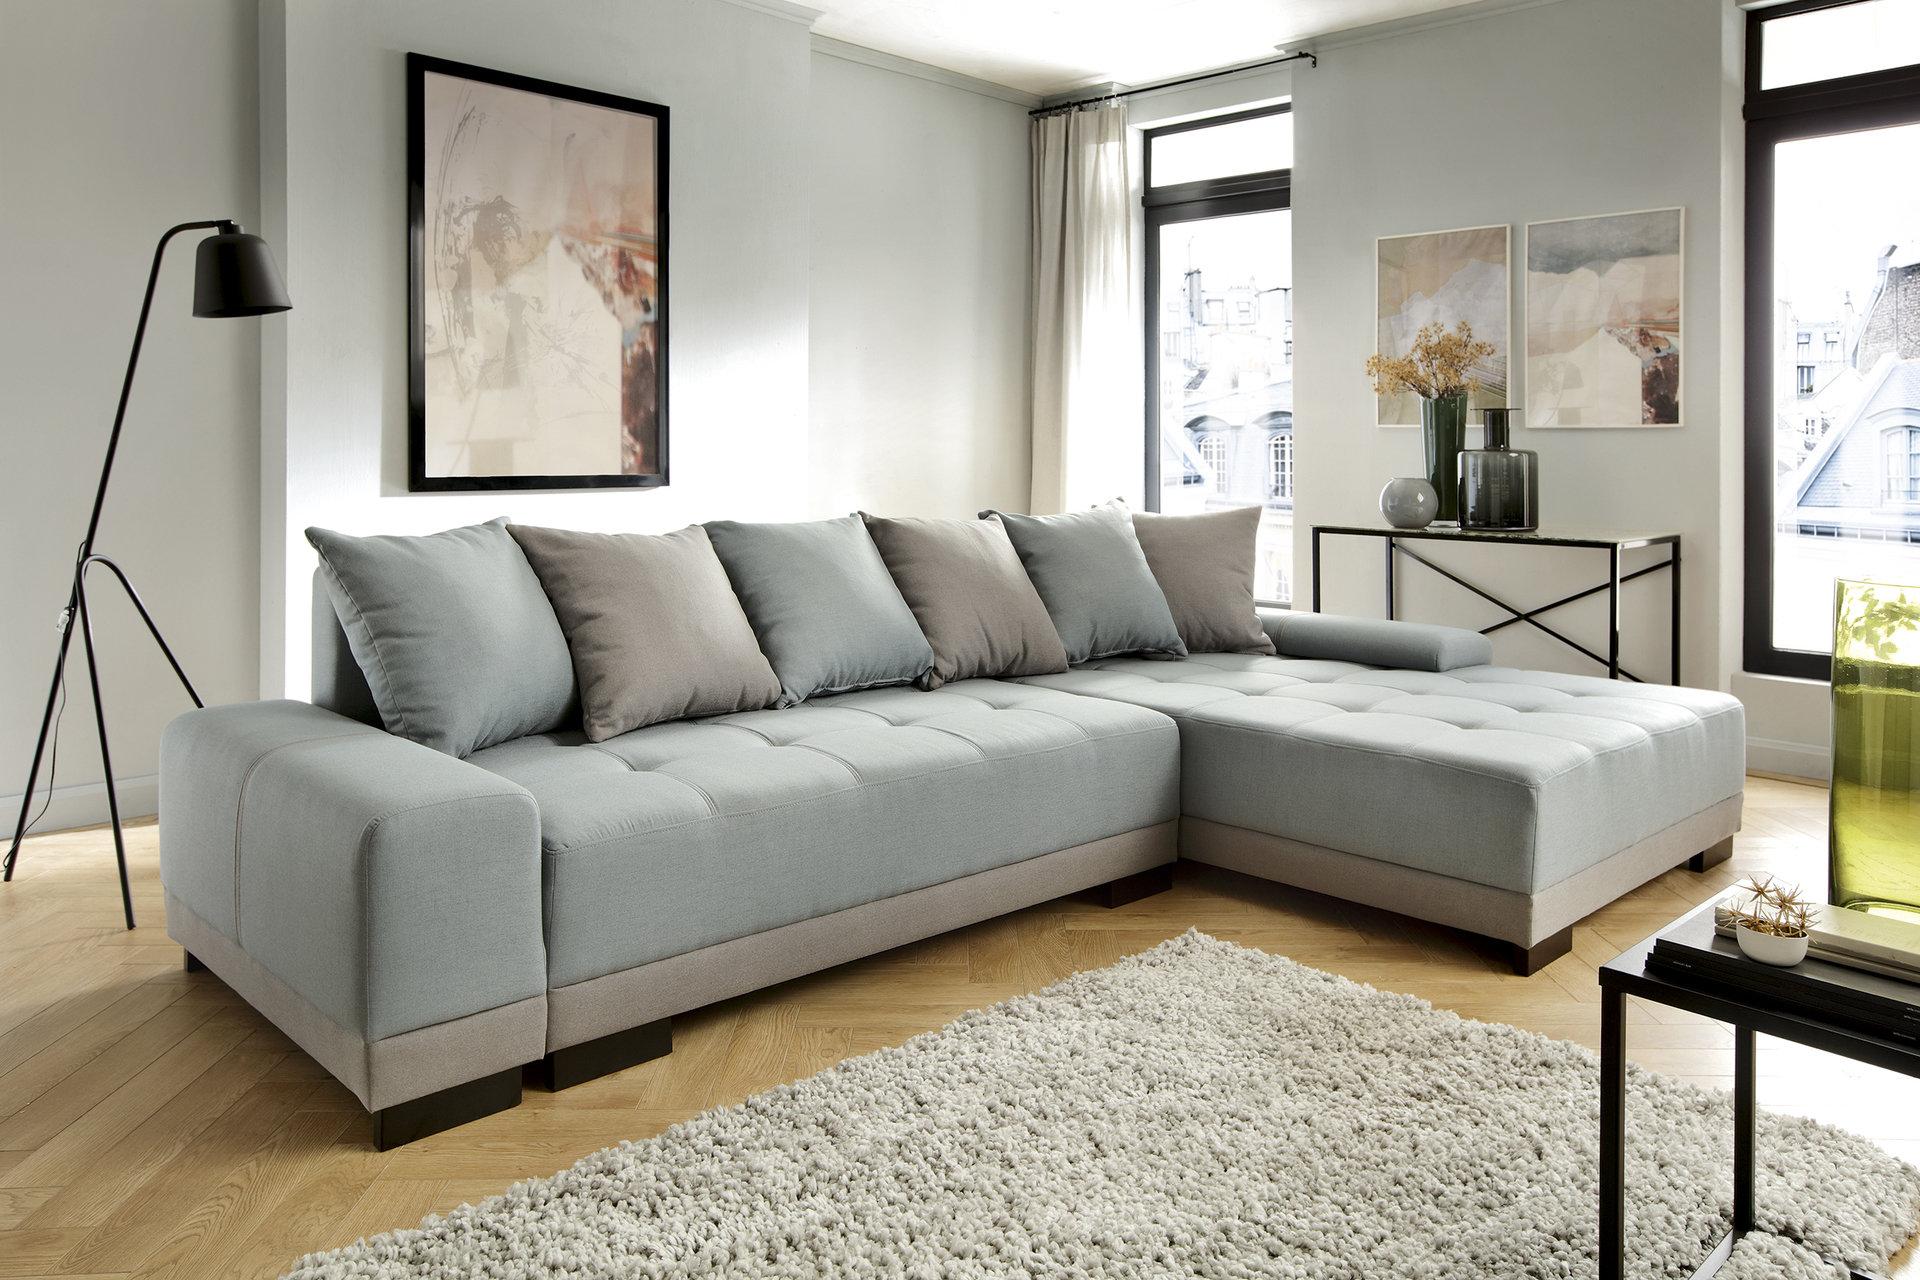 Domowe biuro dzięki nowej ofercie promocyjnej Salonów Agata